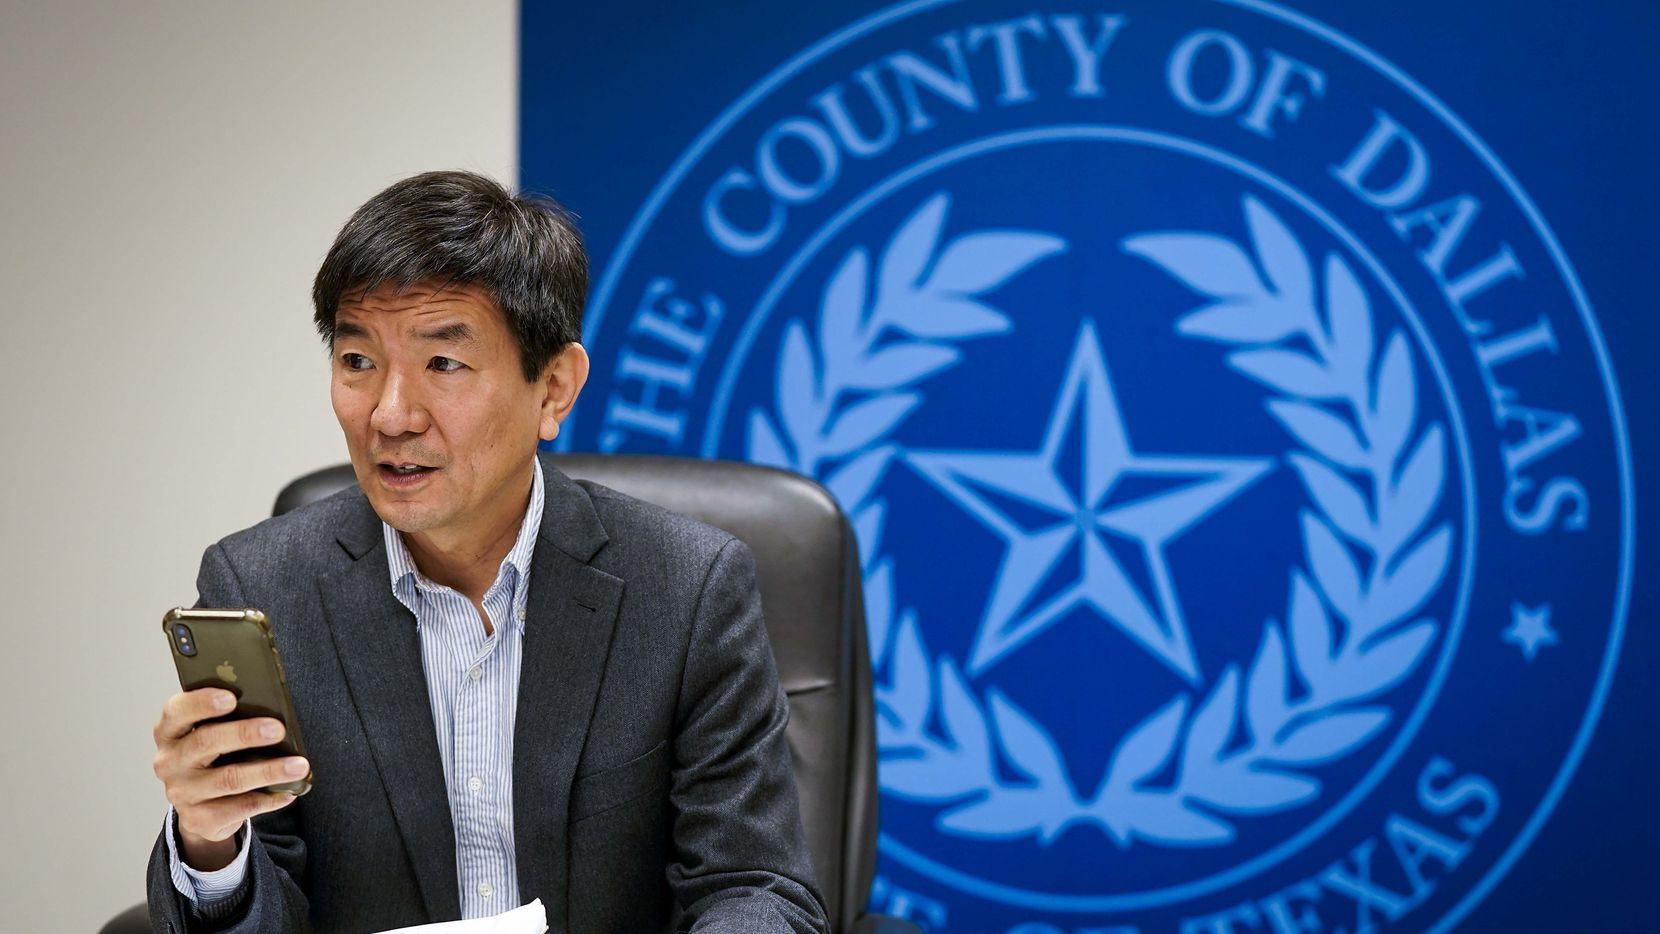 El doctor Philip Huang es la voz científica del condado de Dallas y asesora directamente al juez del condado Clay Jenkins.